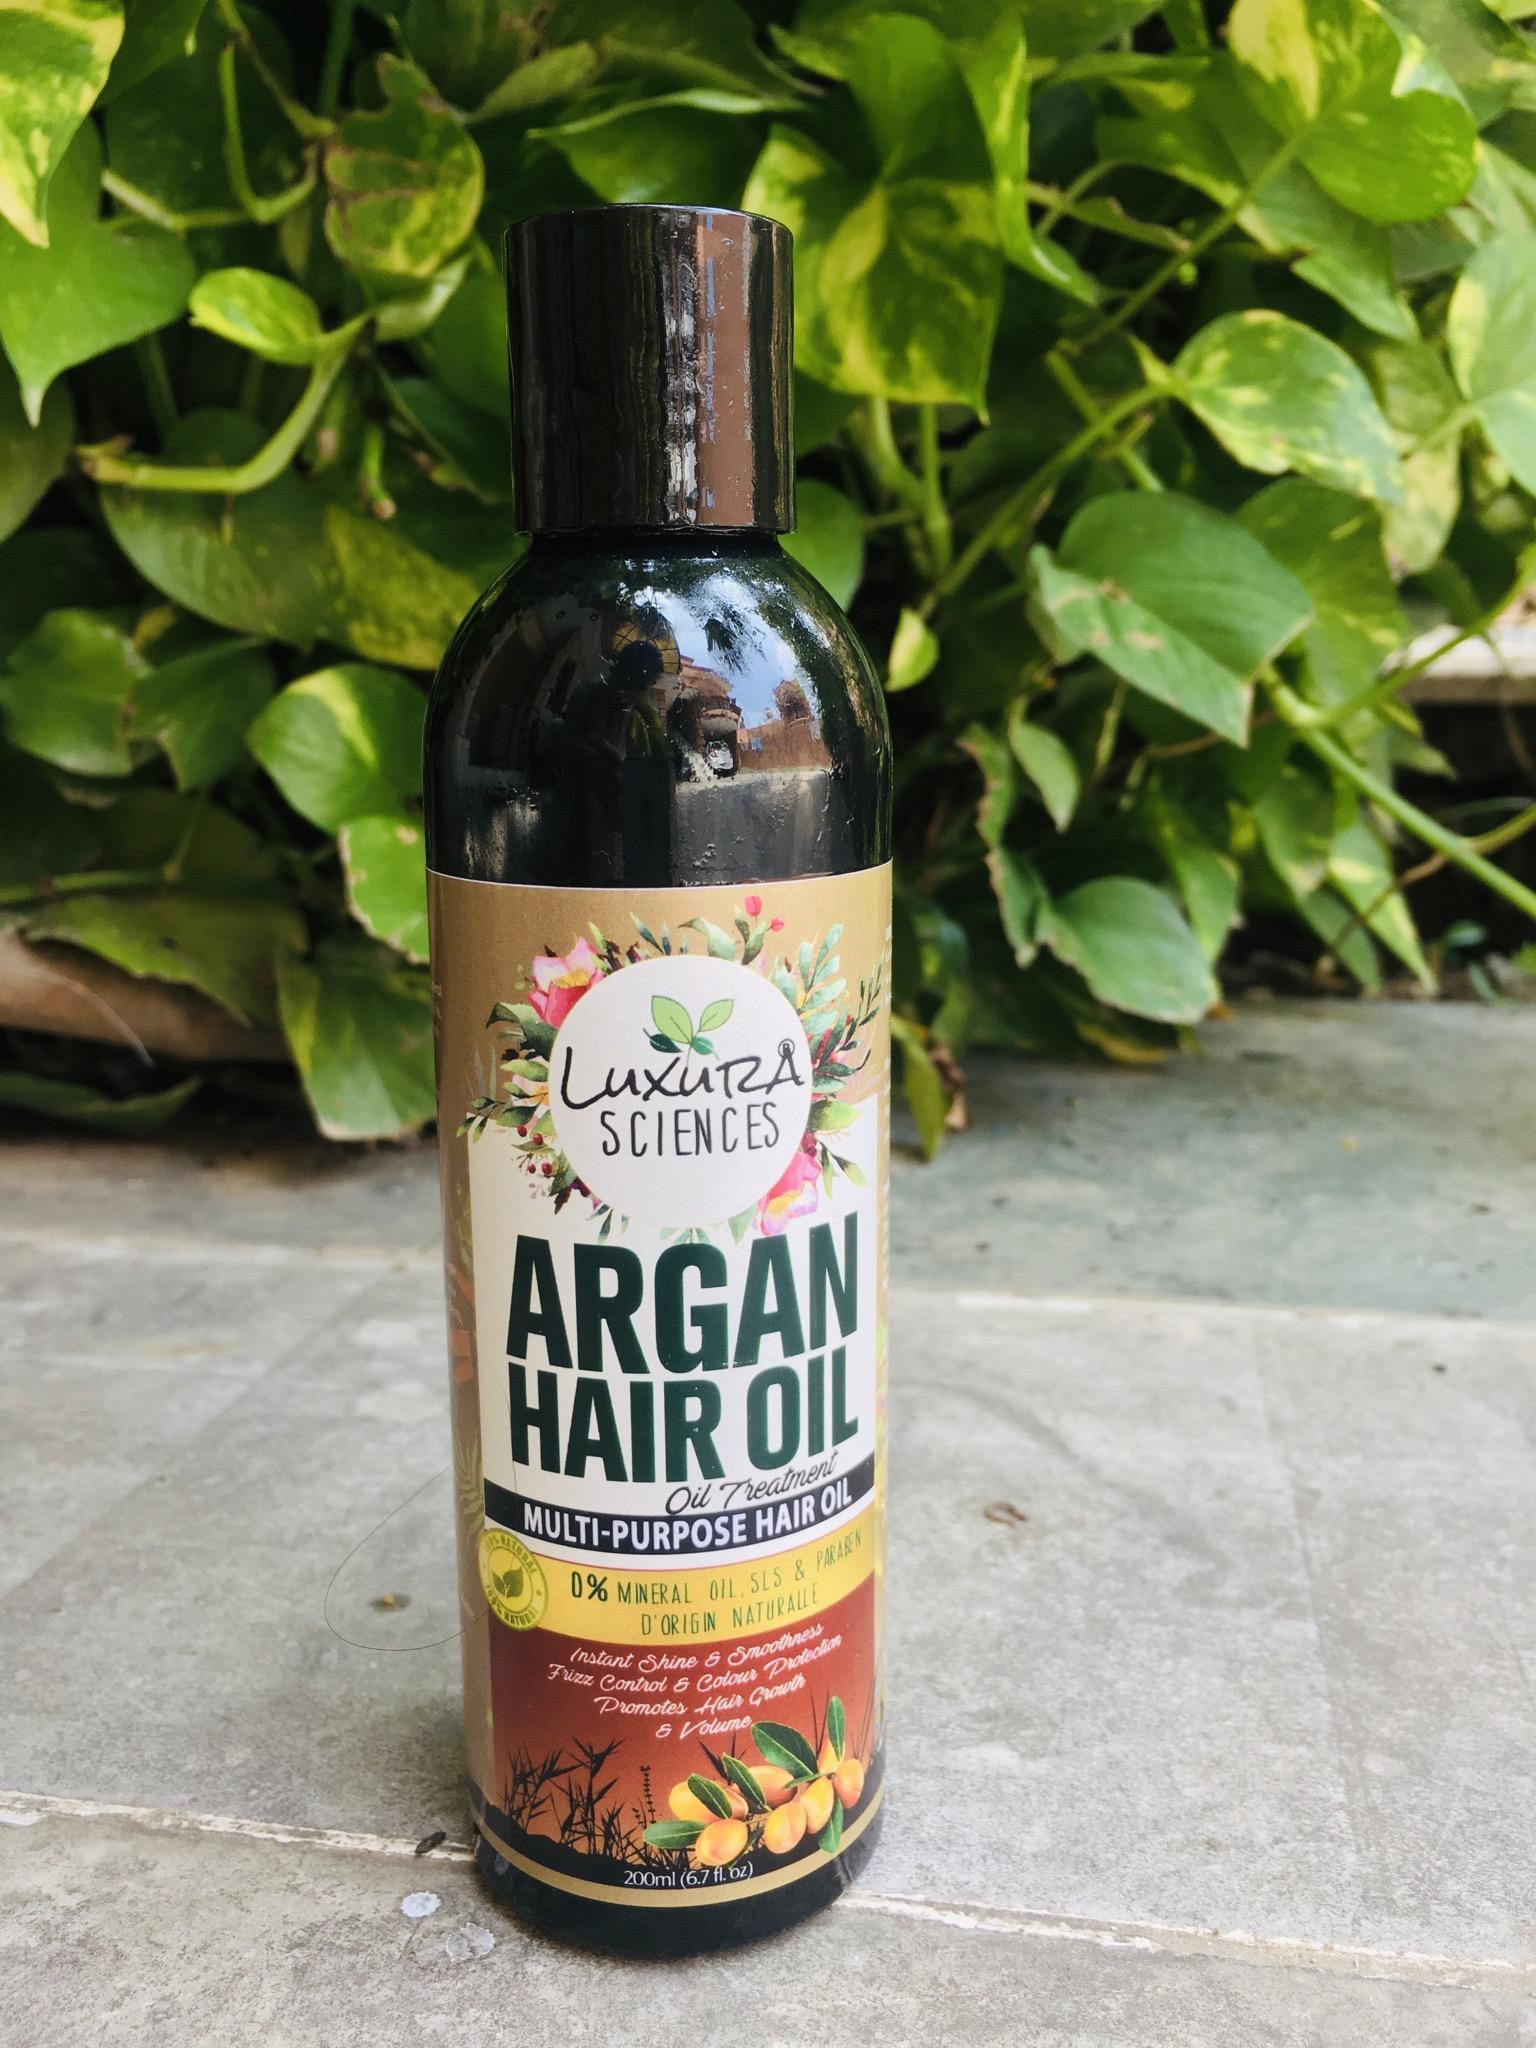 Luxura Sciences Argan Hair Oil 200 ml -Good hair oil-By seema11dhiman